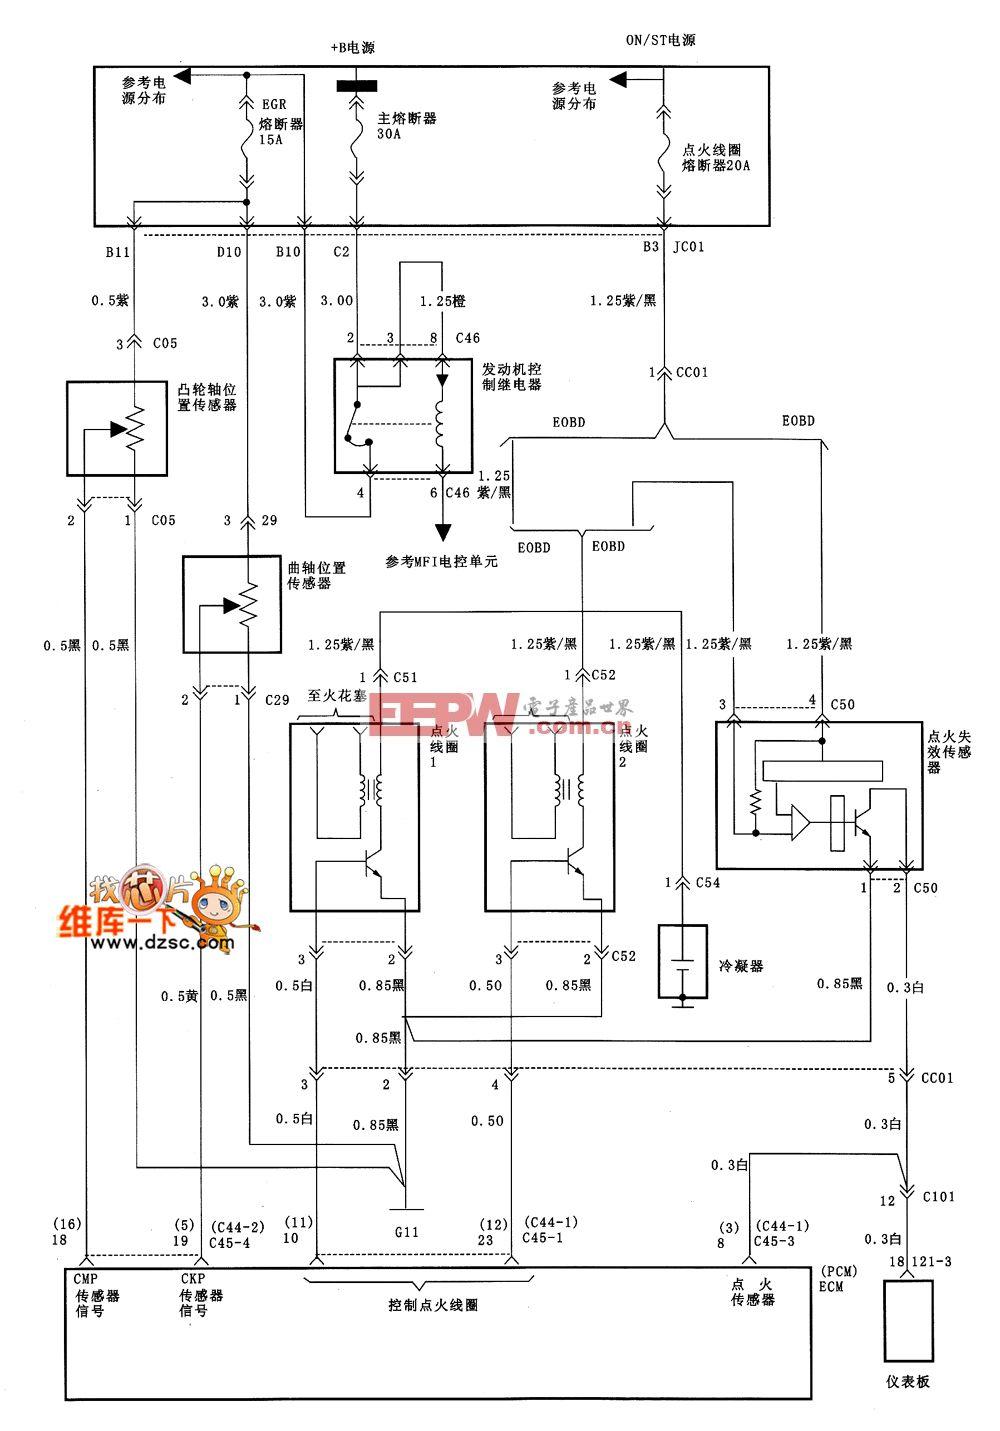 北京现代索纳塔点火系统电路图